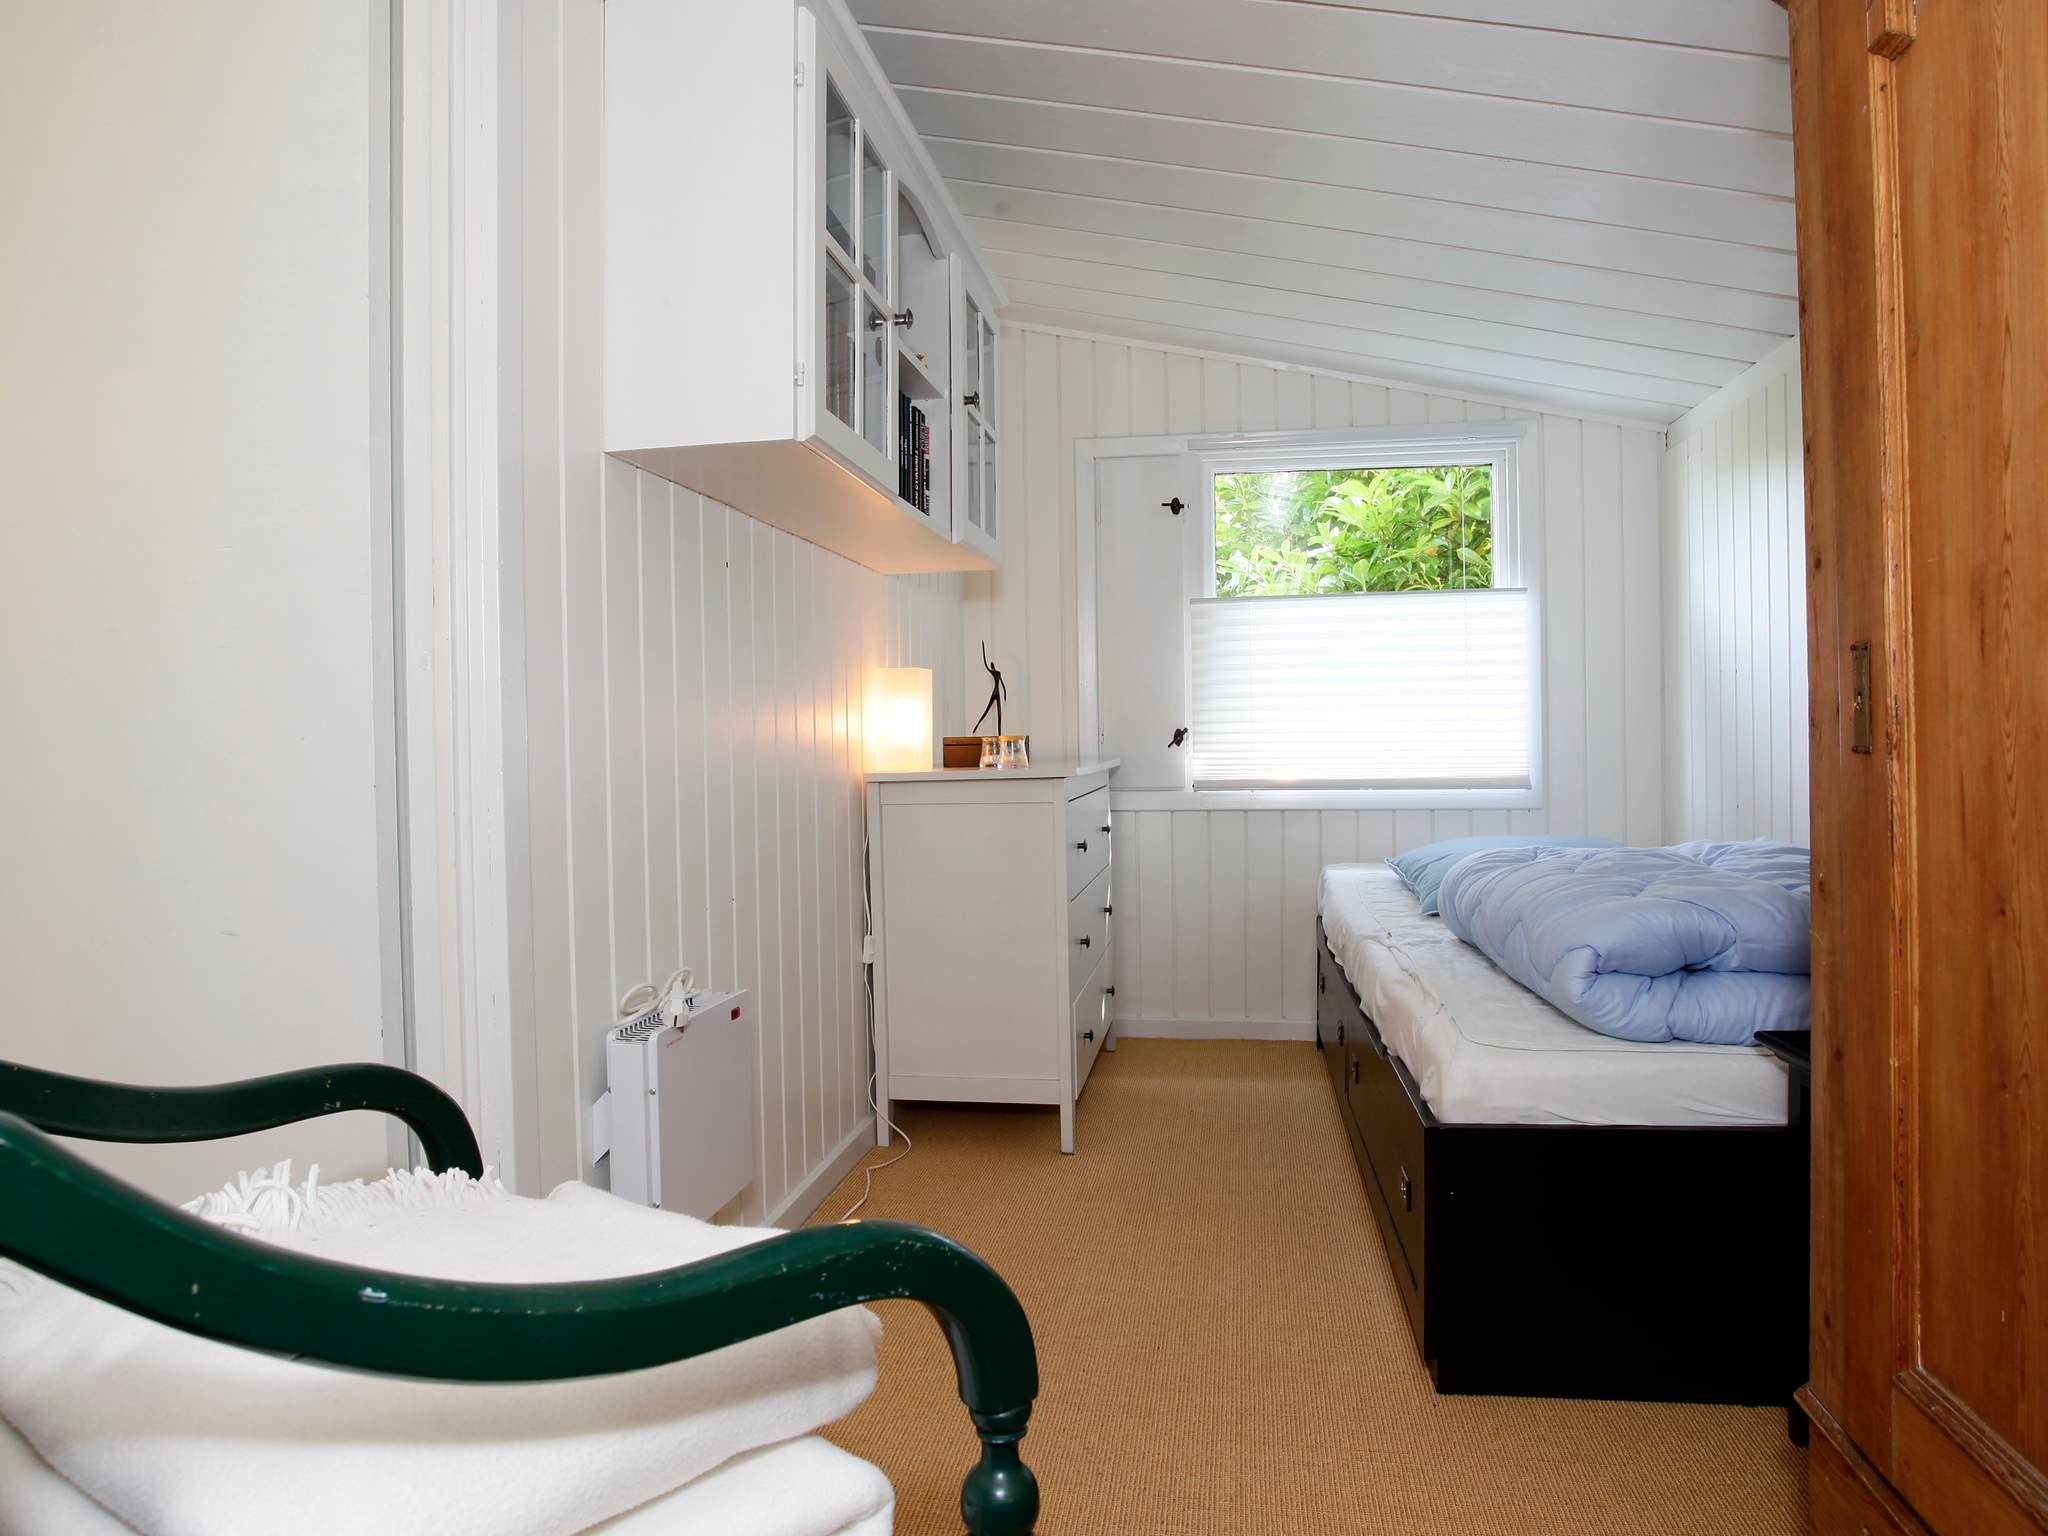 Ferienhaus Bøged (431196), Præstø, , Südseeland, Dänemark, Bild 11